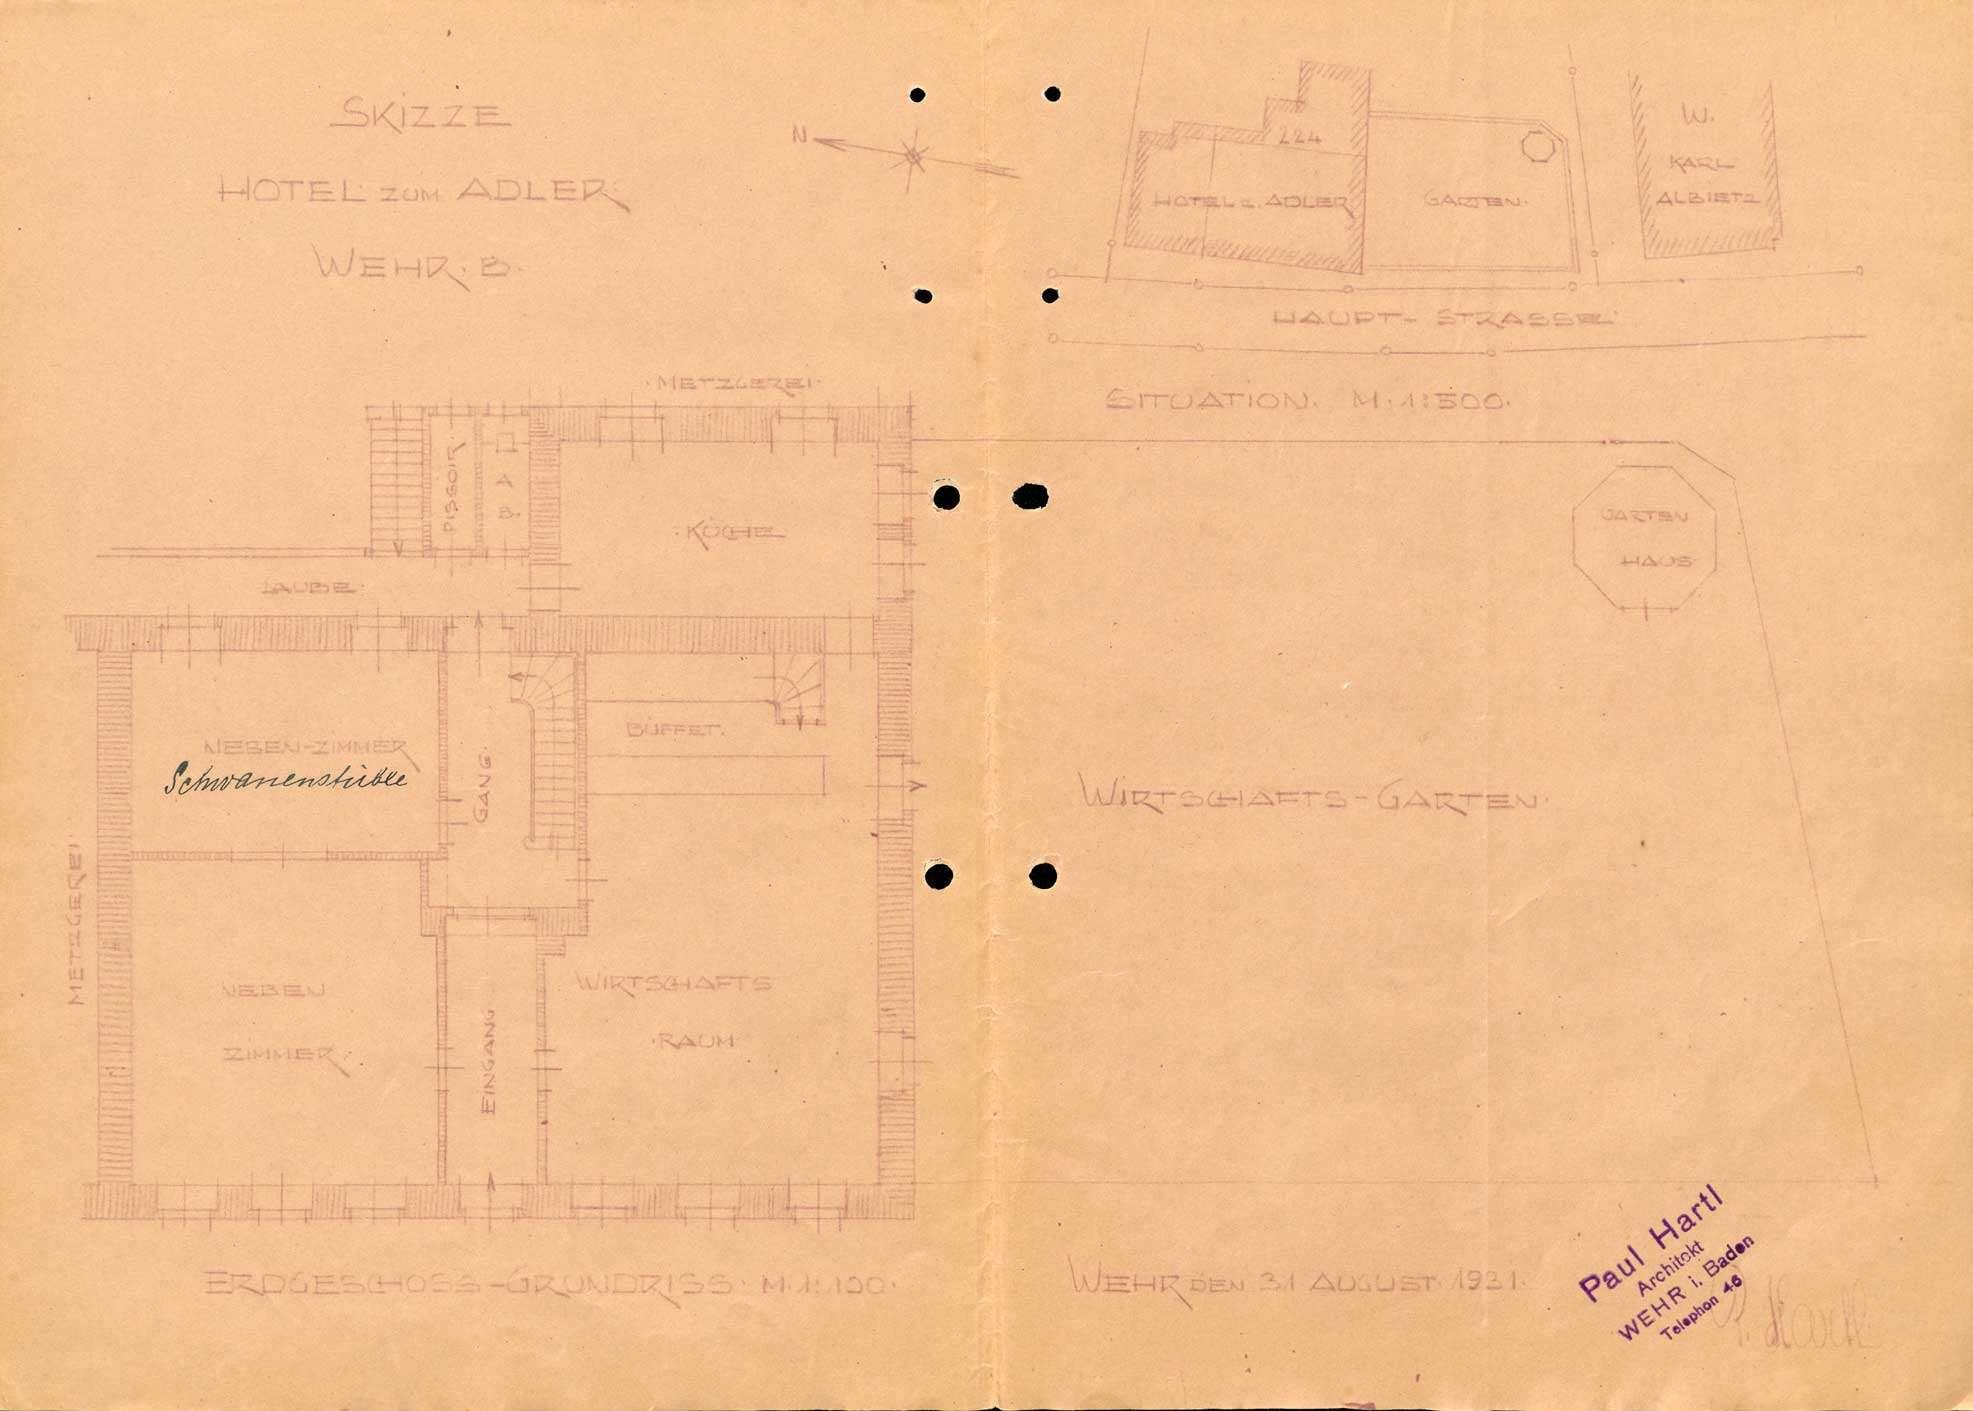 Konzessionierung und Betrieb der Realgastwirtschaft Zum Adler in Wehr, Bild 1